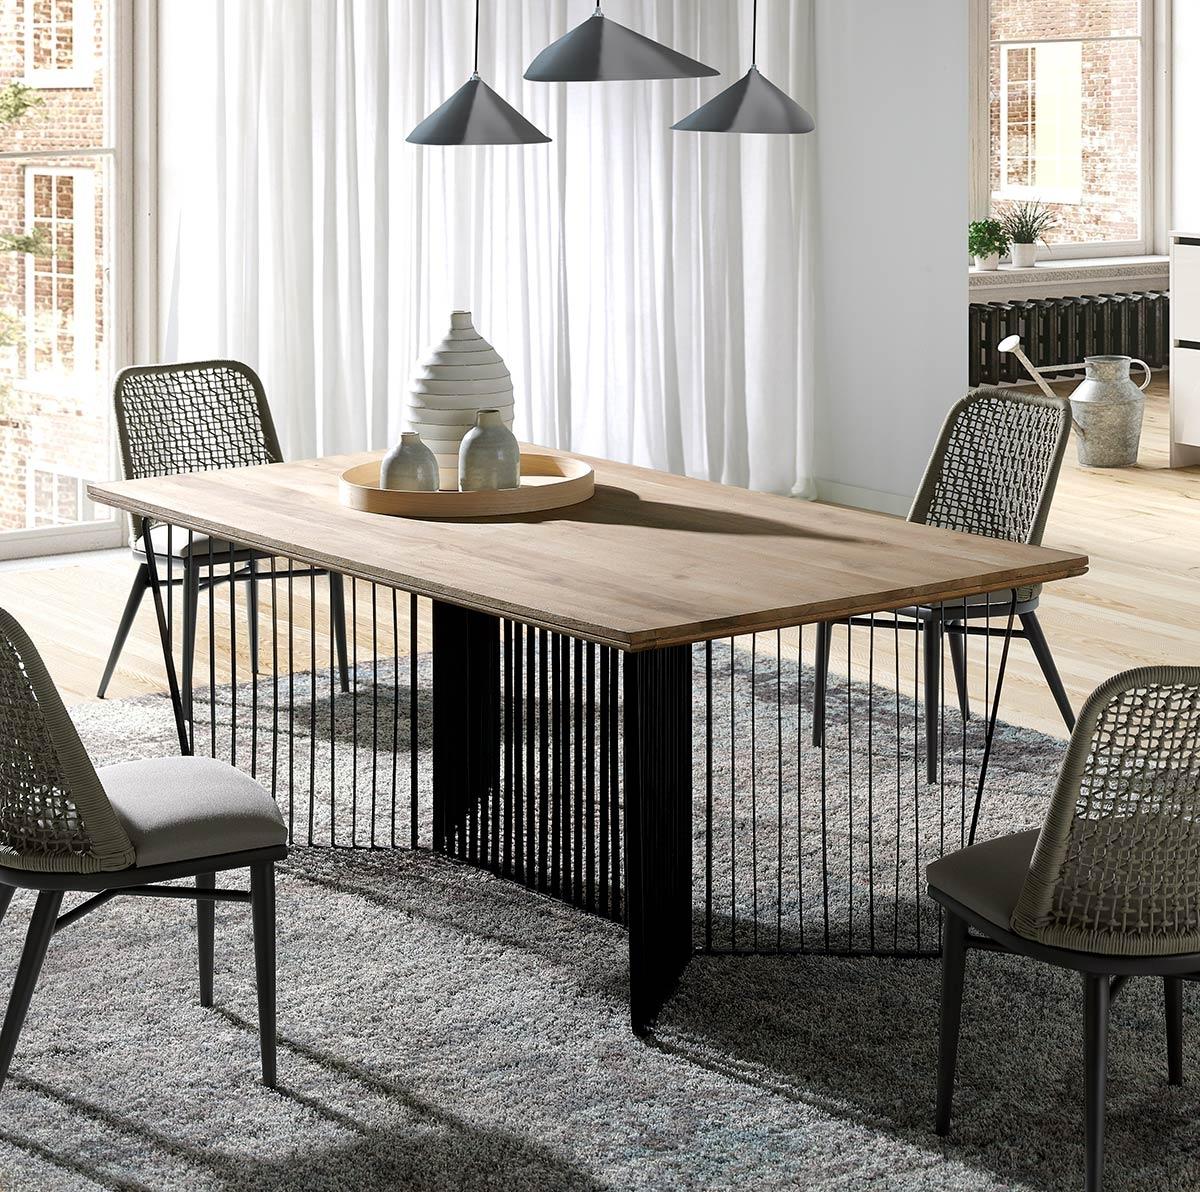 Grande table moderne Pervet